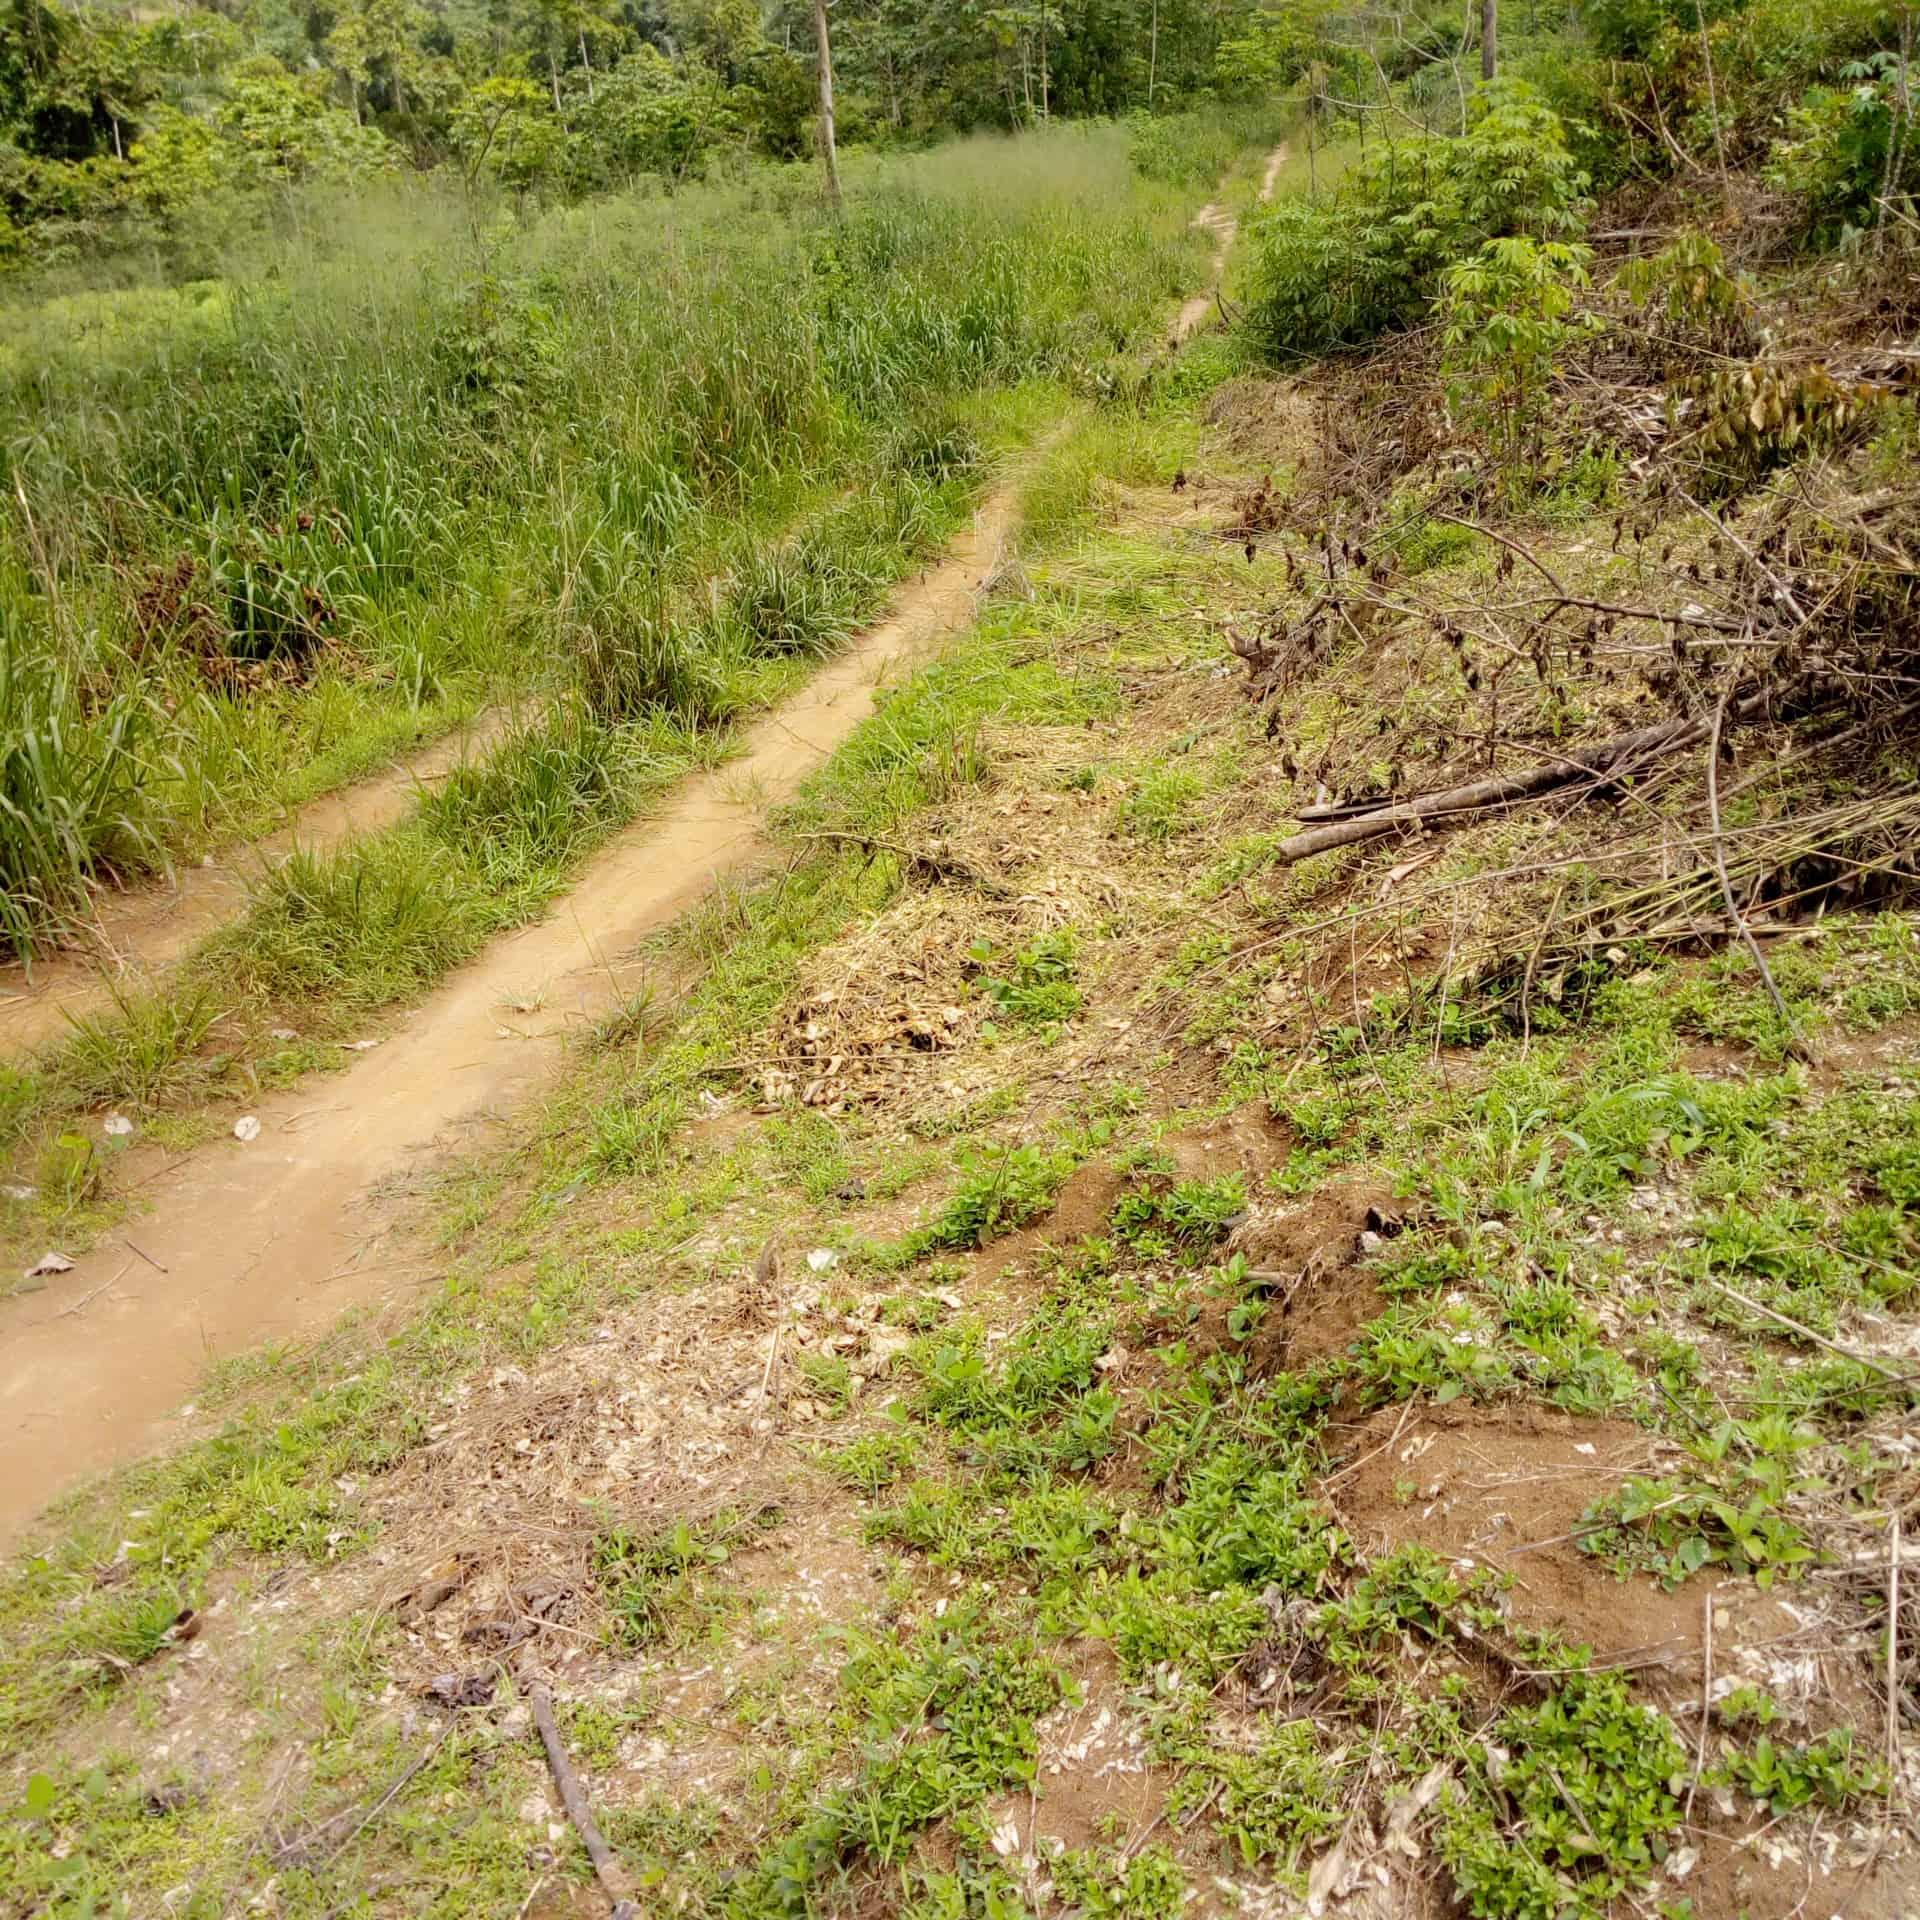 Land for sale at Douala, PK 27, Pk27 - 10000 m2 - 3 000 000 FCFA